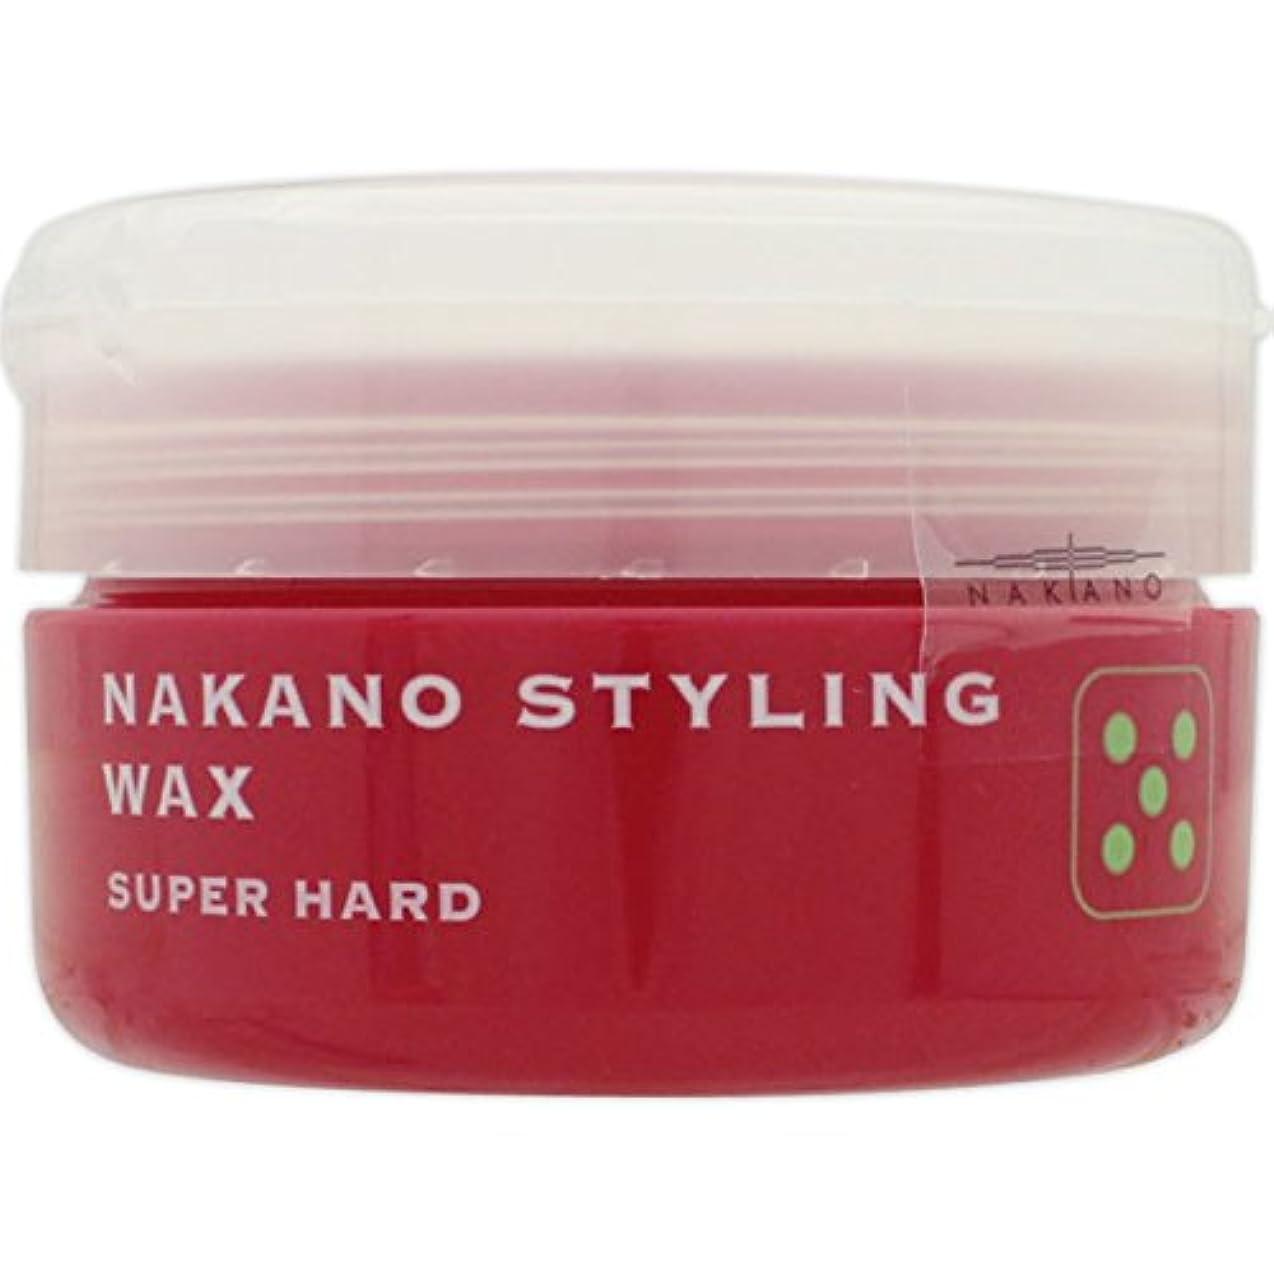 壁紙更新準拠ナカノ スタイリング ワックス 5 スーパーハード 90g